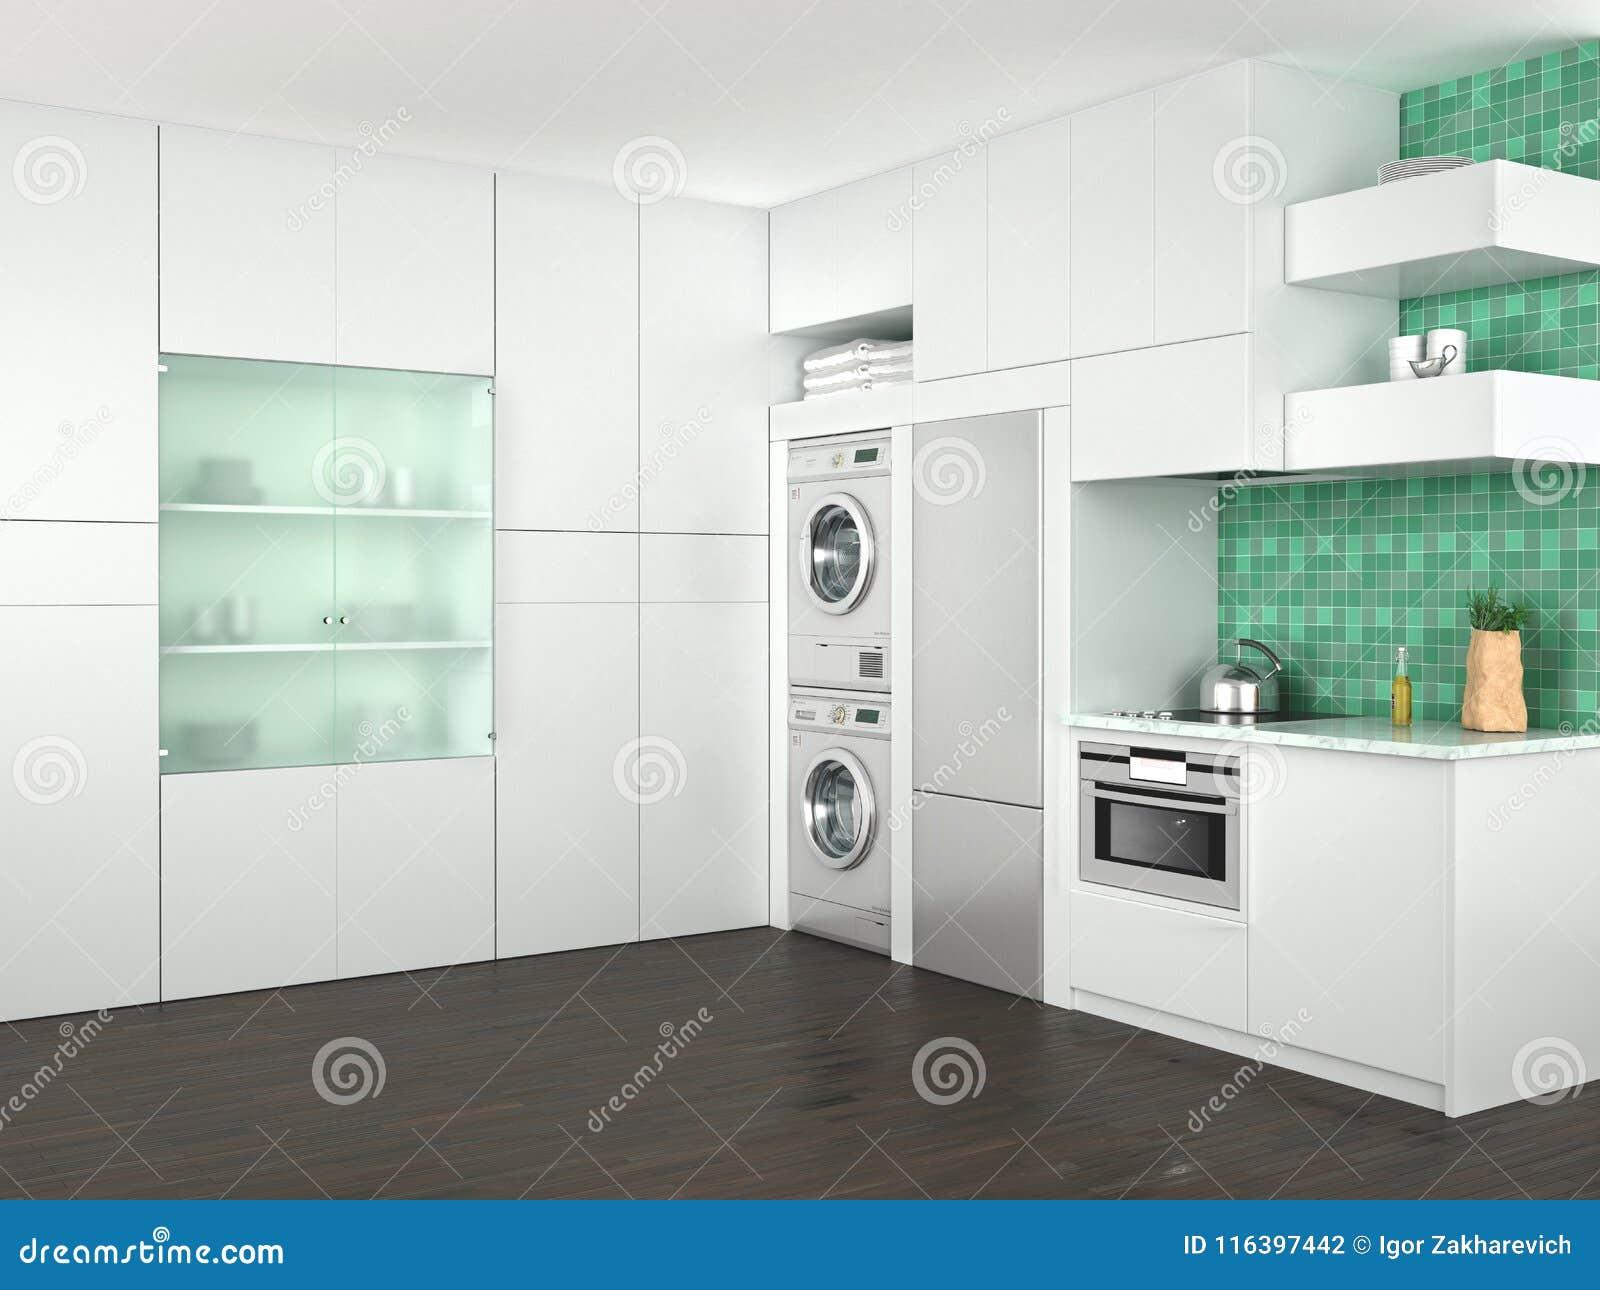 Lavadora en la cocina latest molt cocina de juguete horno y lavadora with lavadora en la cocina - Lavadora en la cocina ...